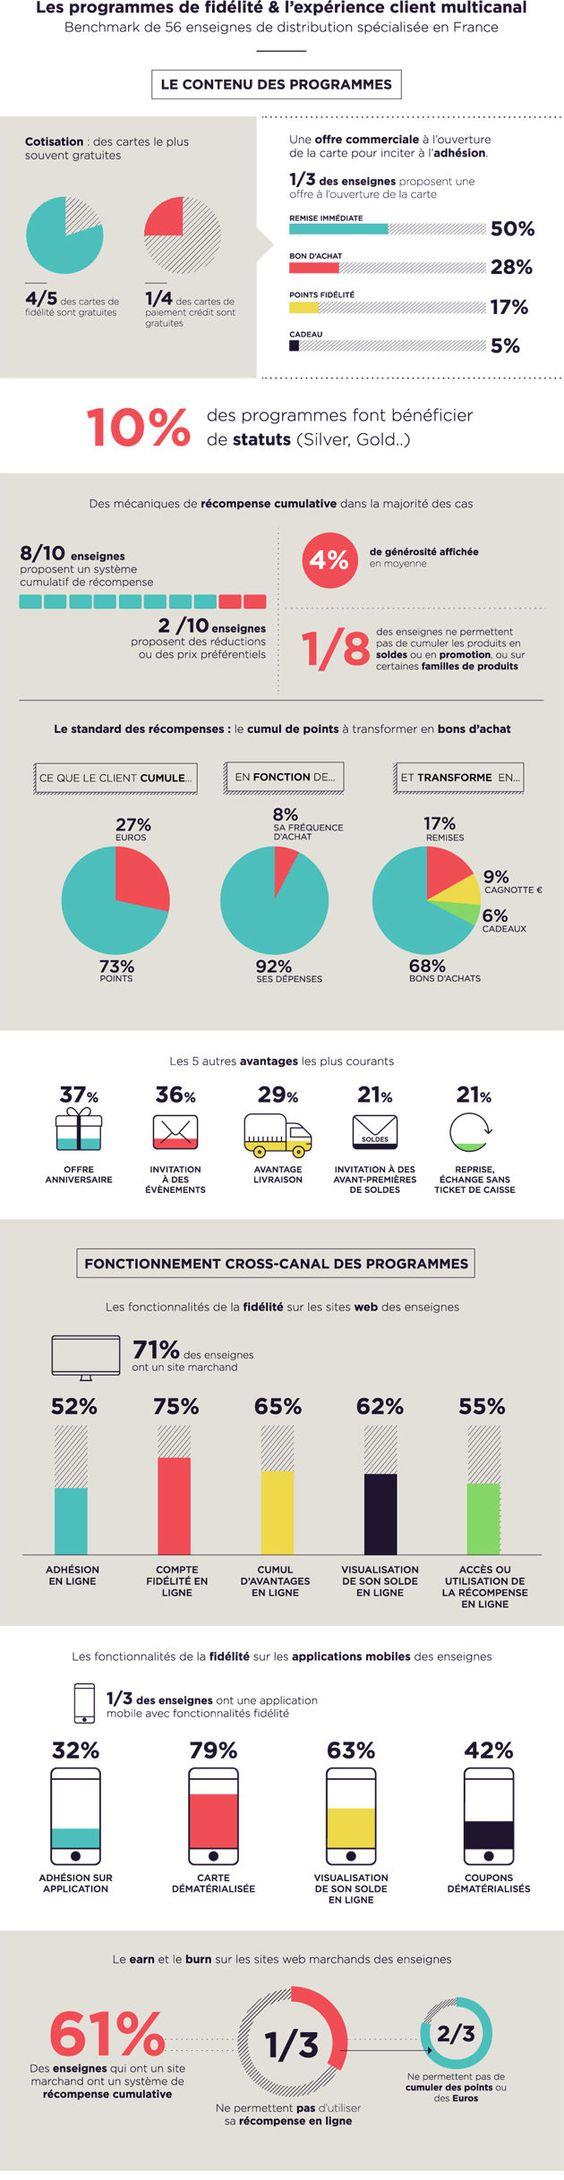 #Infographie Programme de Fidélité et #omnicanal